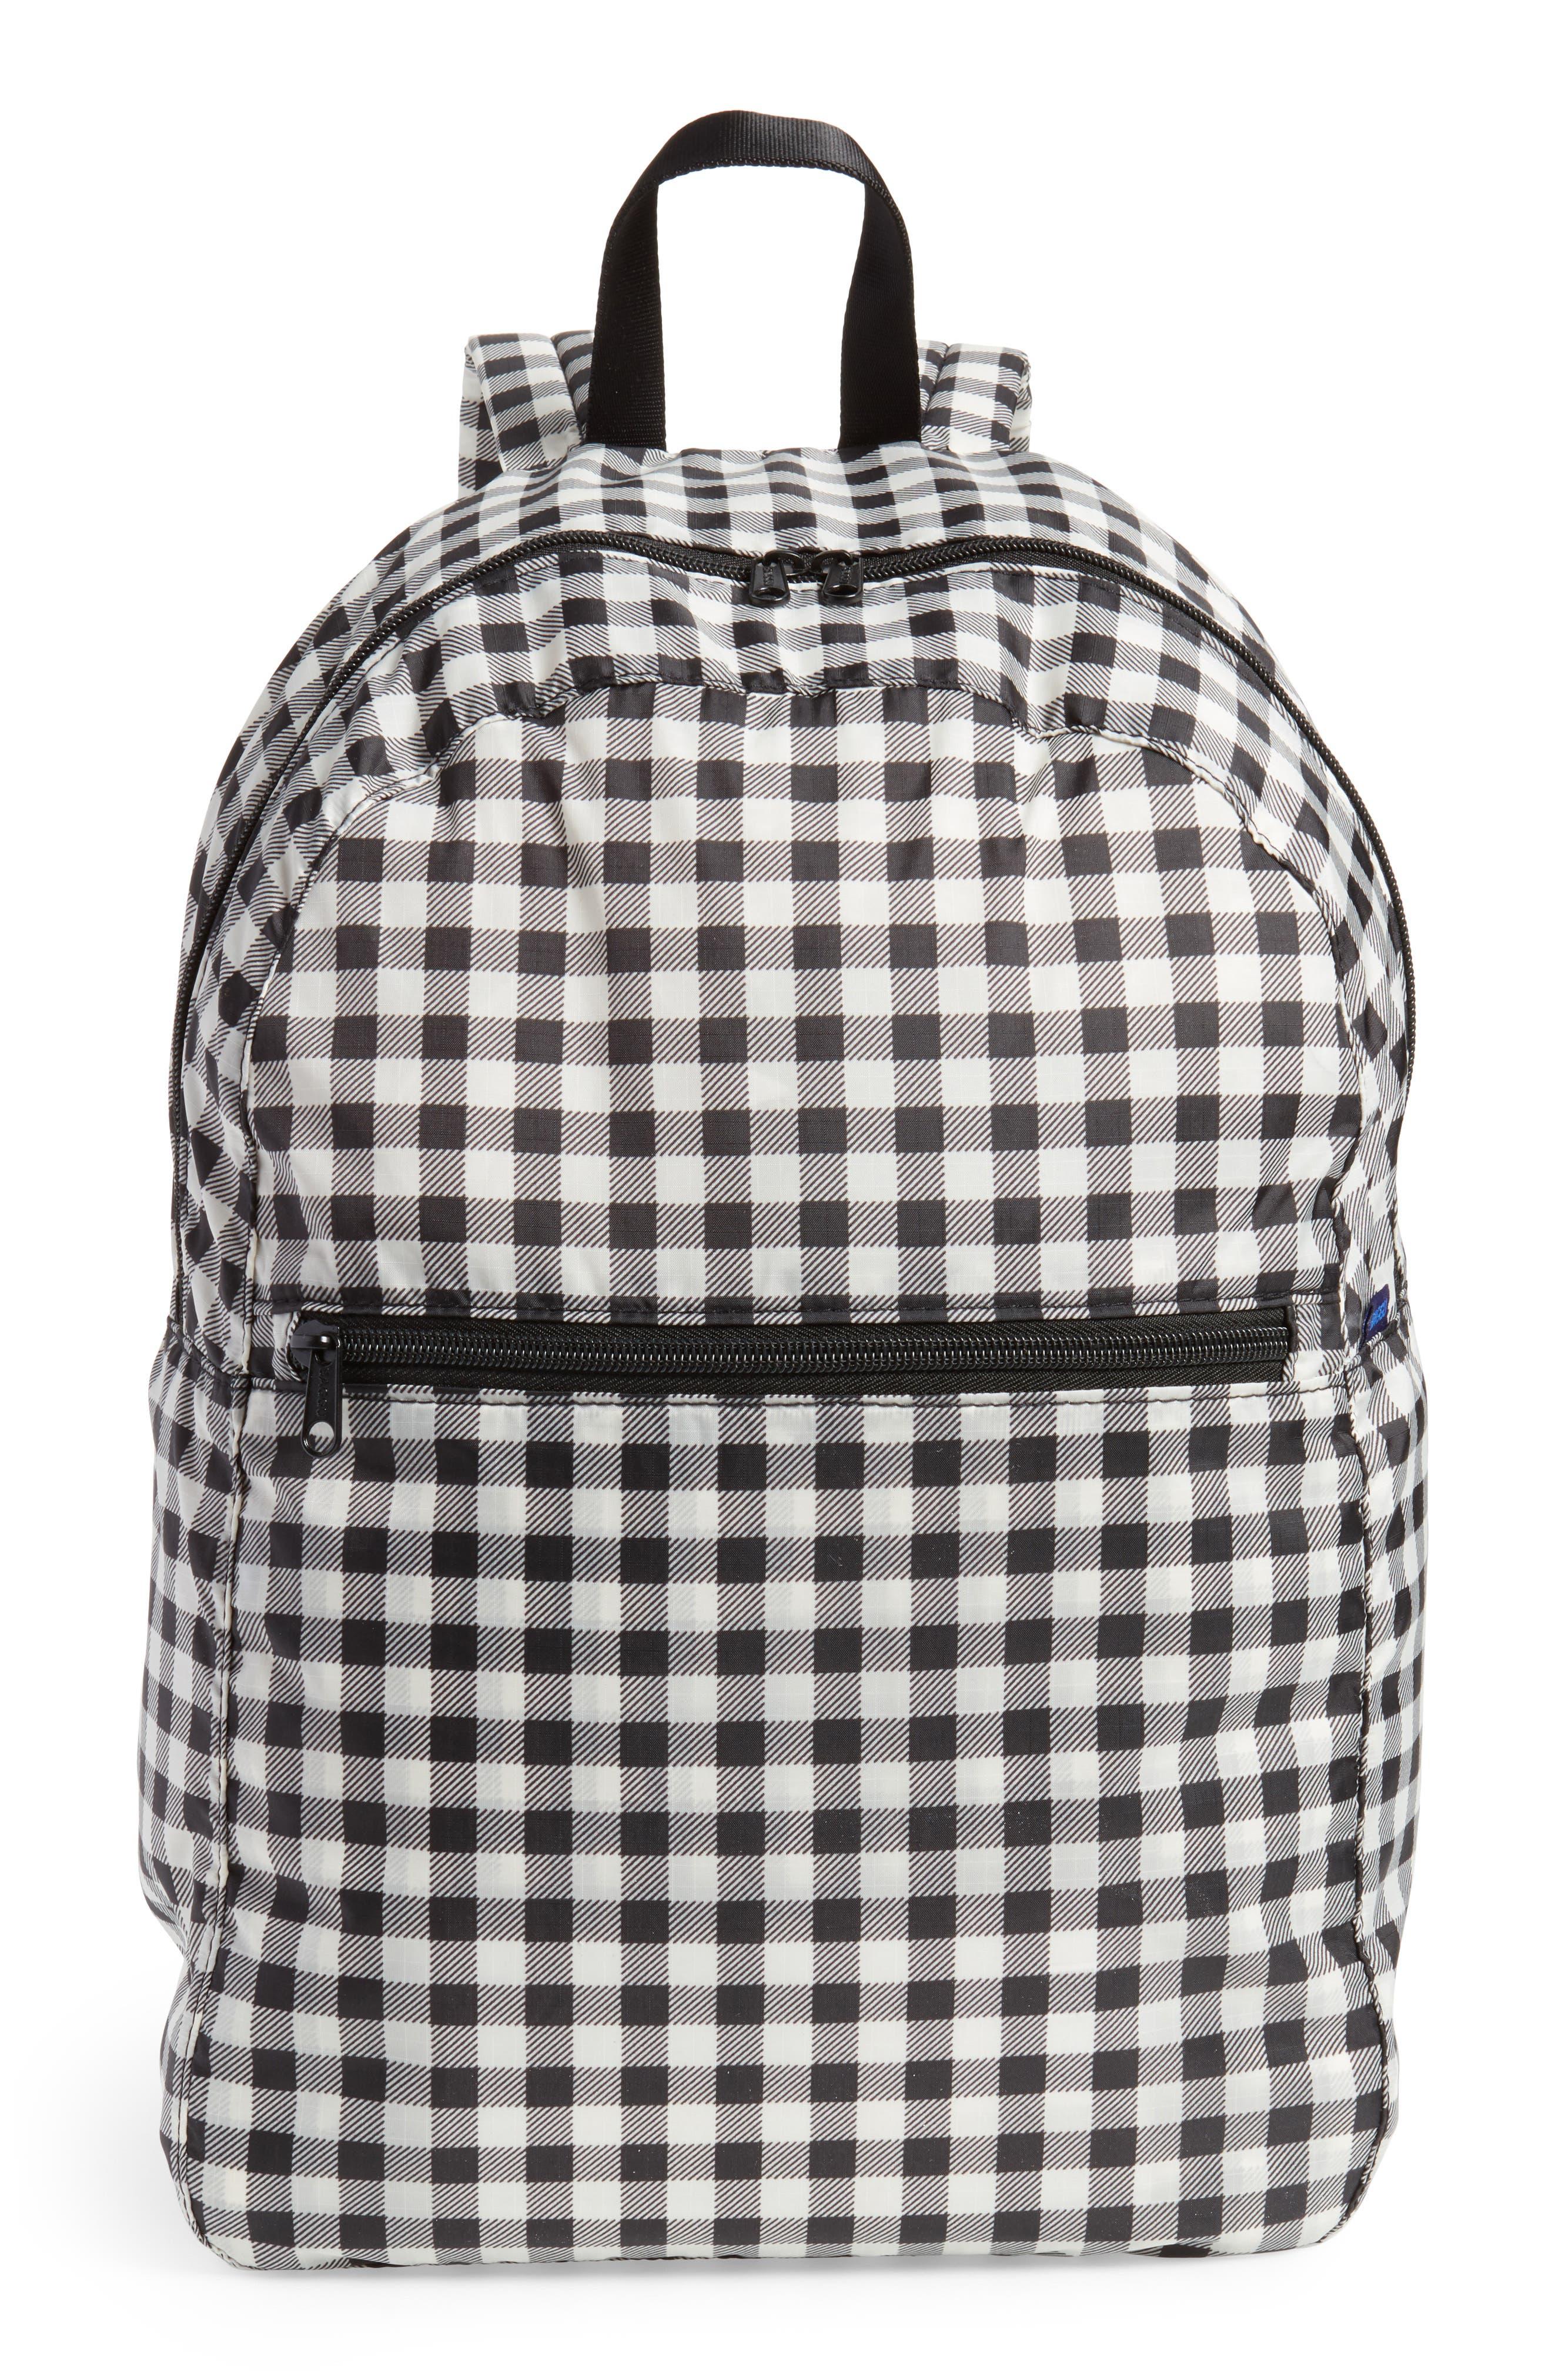 Ripstop Nylon Backpack,                             Main thumbnail 1, color,                             006